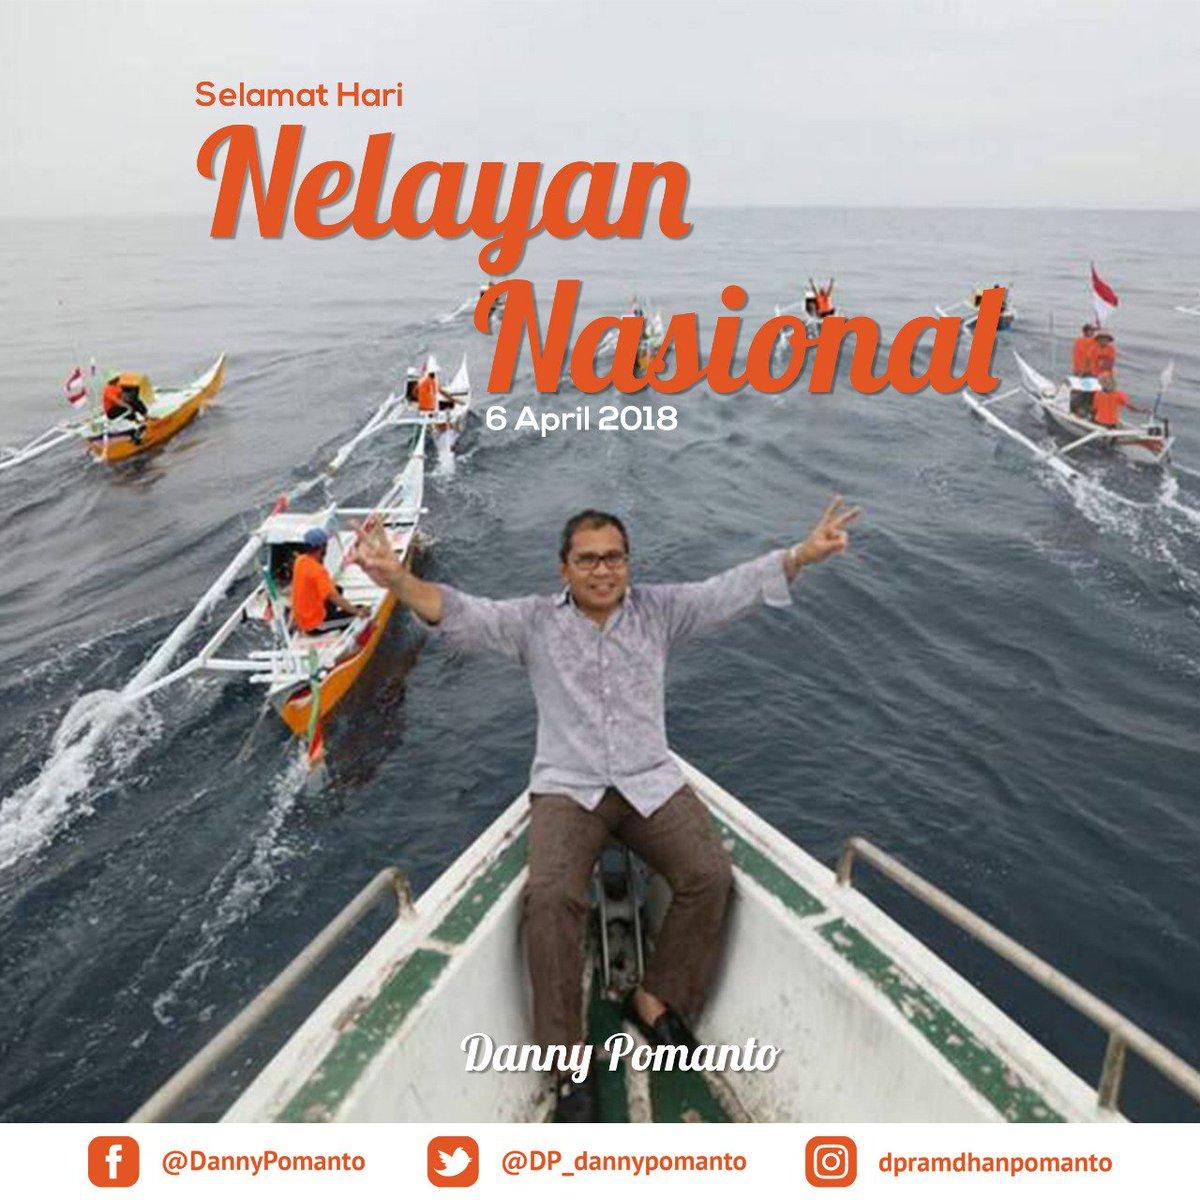 @DP_dannypomanto Selamat Hari Nelayan Nasional kepada seluruh nelayan Indonesia, terutama yang ada di Makassar. Terima kasih telah menunjang perekonomian Makassar menjadi lebih baik.  #SelamatHariNelayanNasional #NelayanNasional https://t.co/YiqdeWsu59